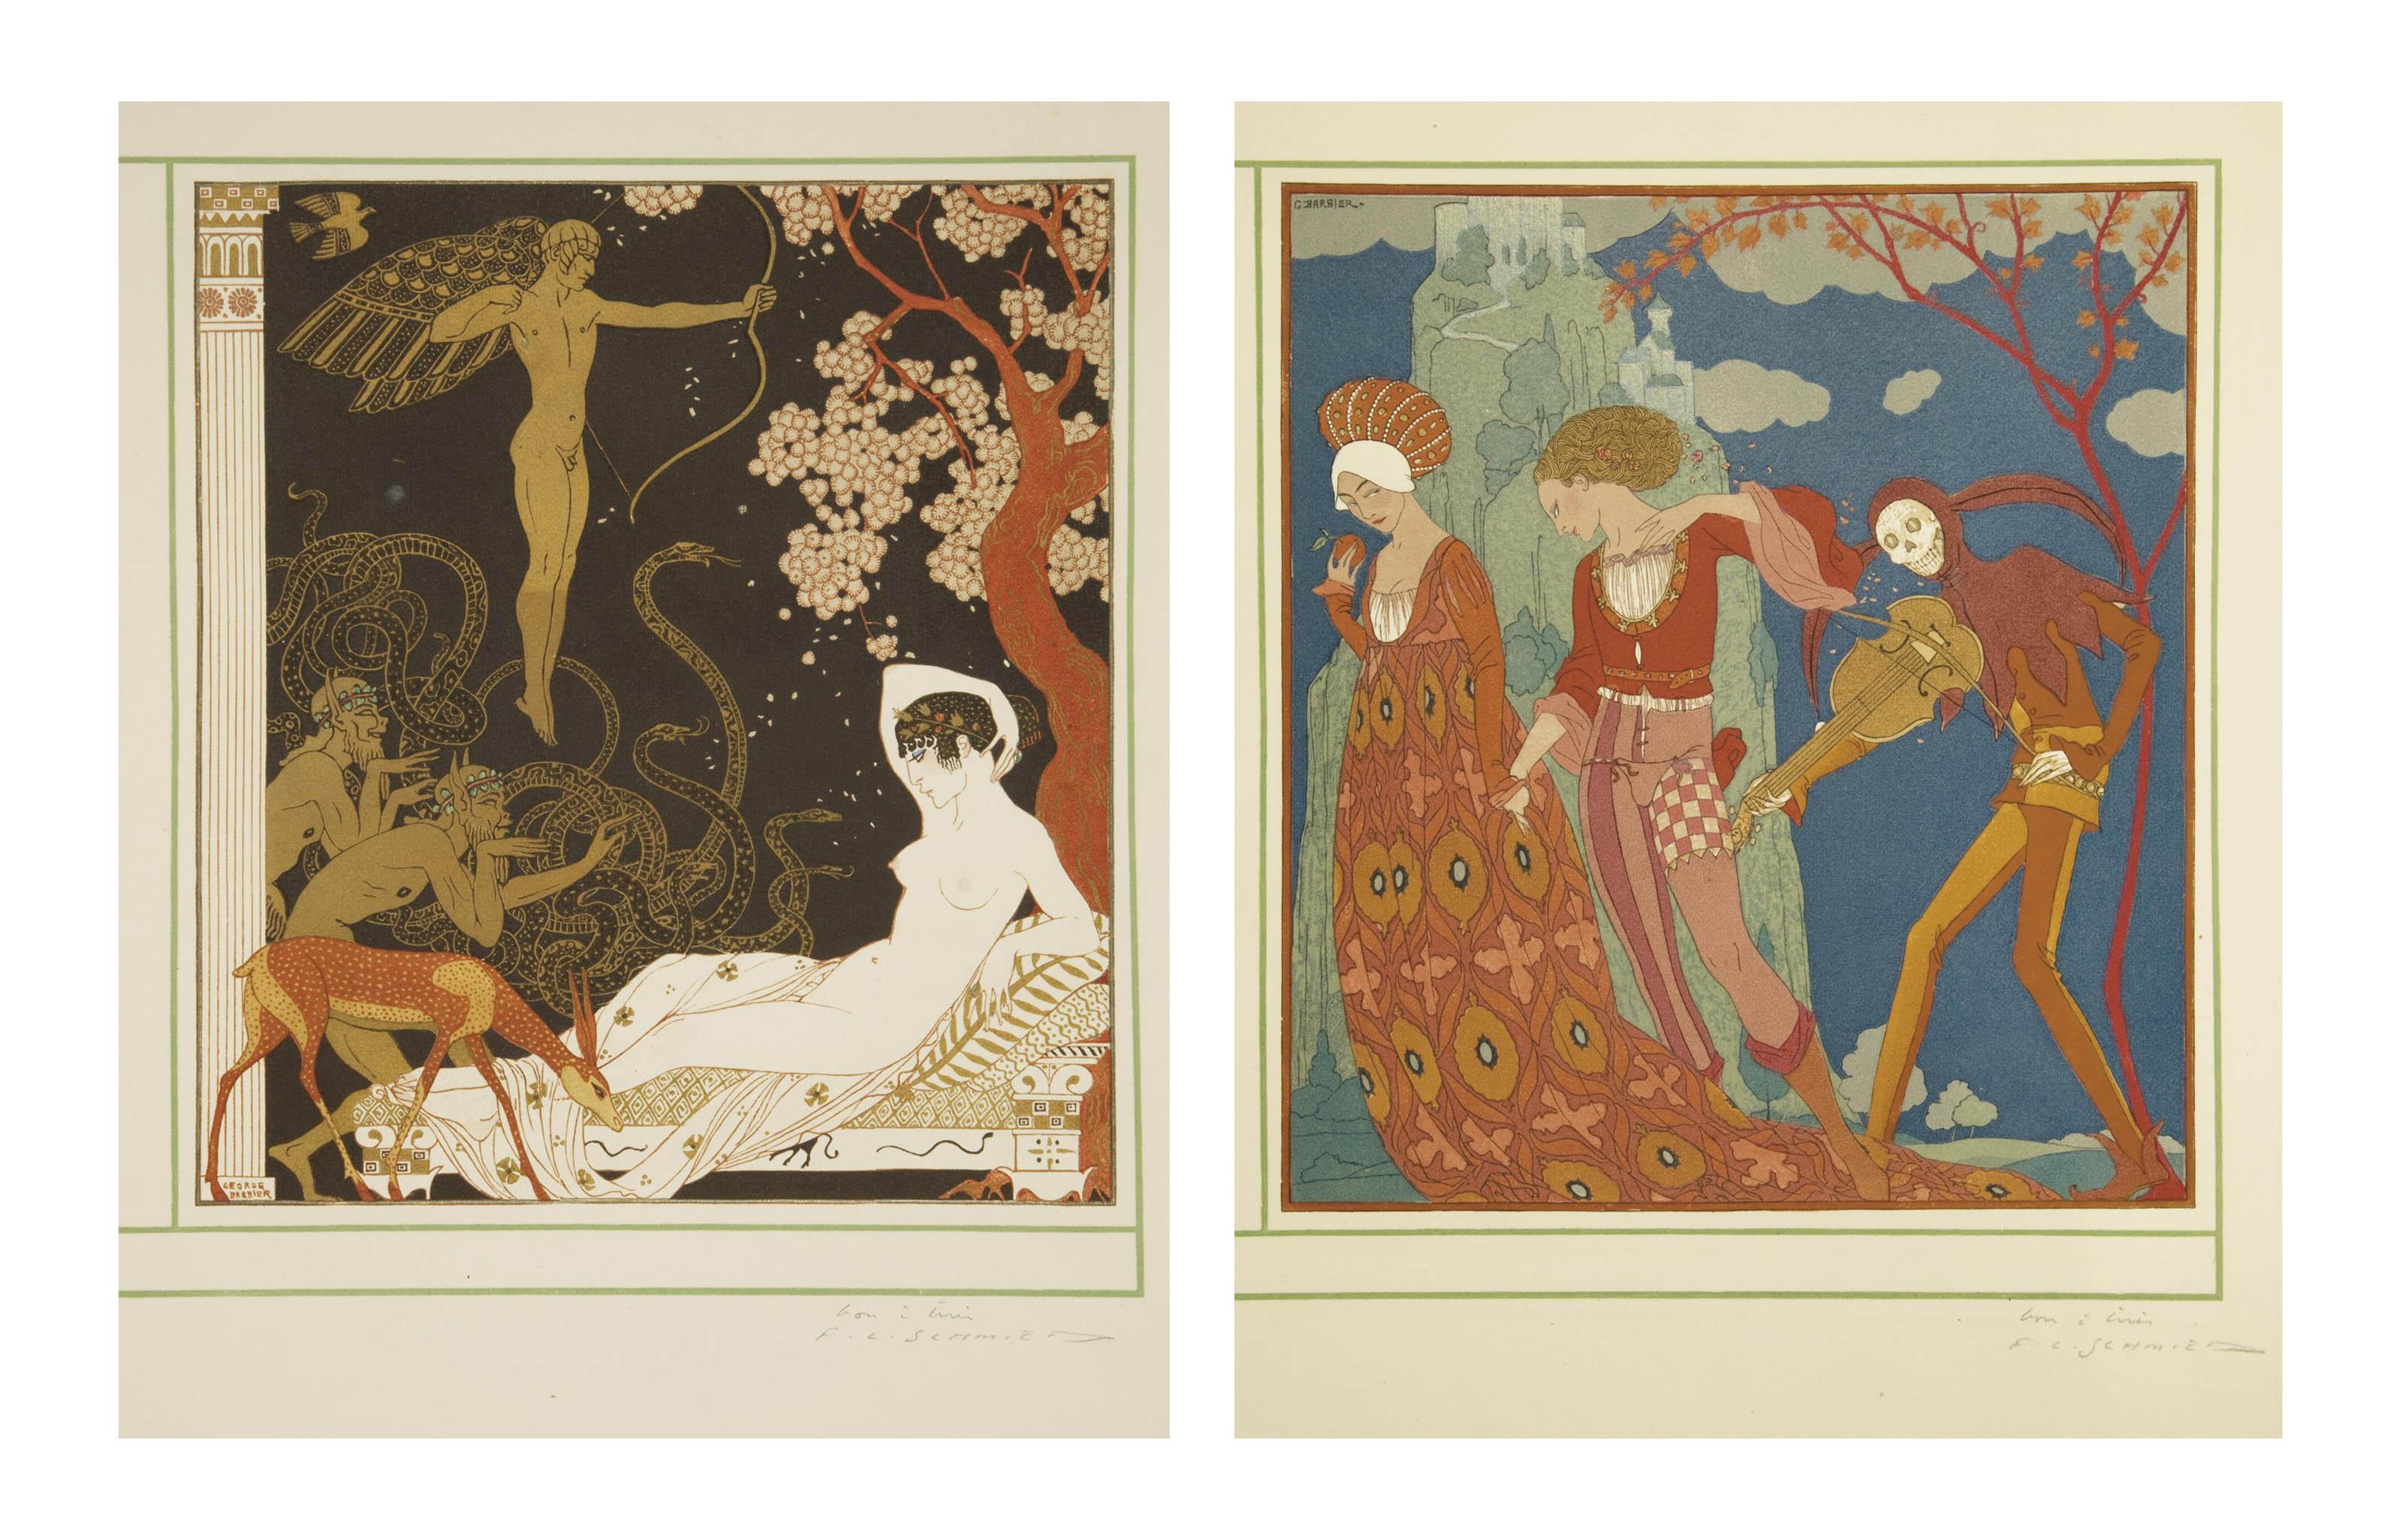 BARBIER, George (1882-1932). Personnages de comédie. Texte par Albert Flament gravures sur bois par Schmied. Paris: chez Maynial, 1922.